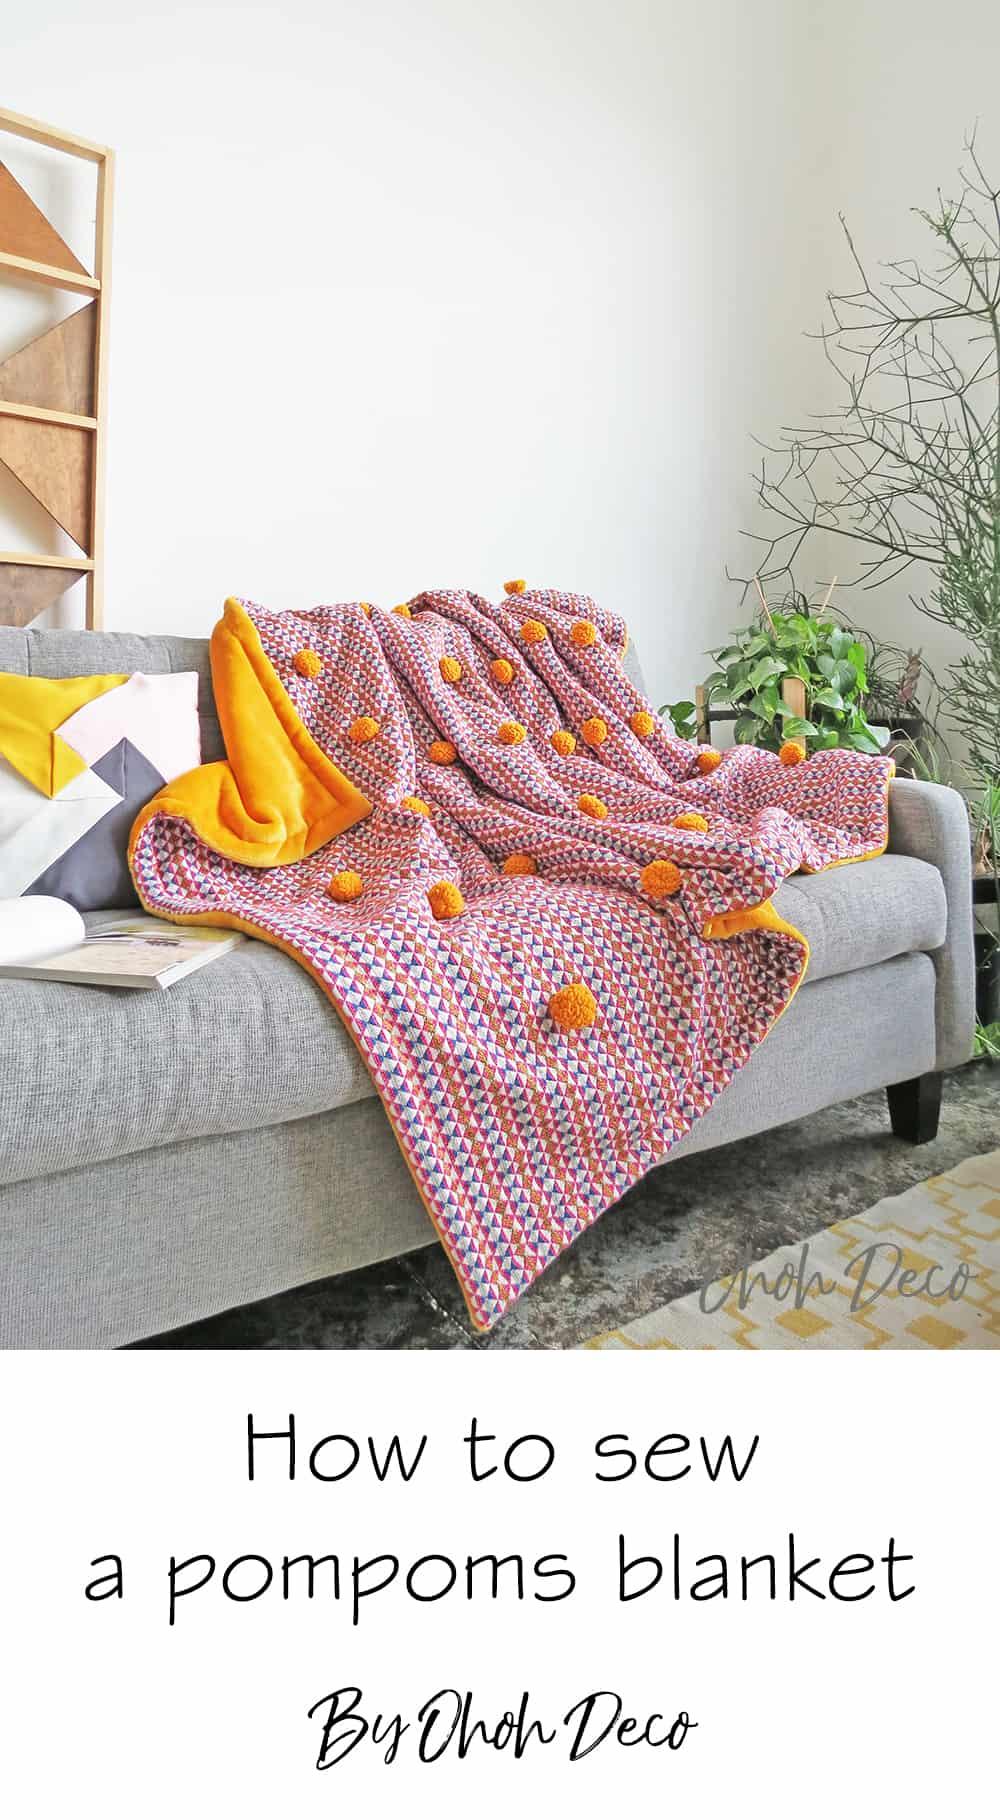 how to sew a pom pom blanket